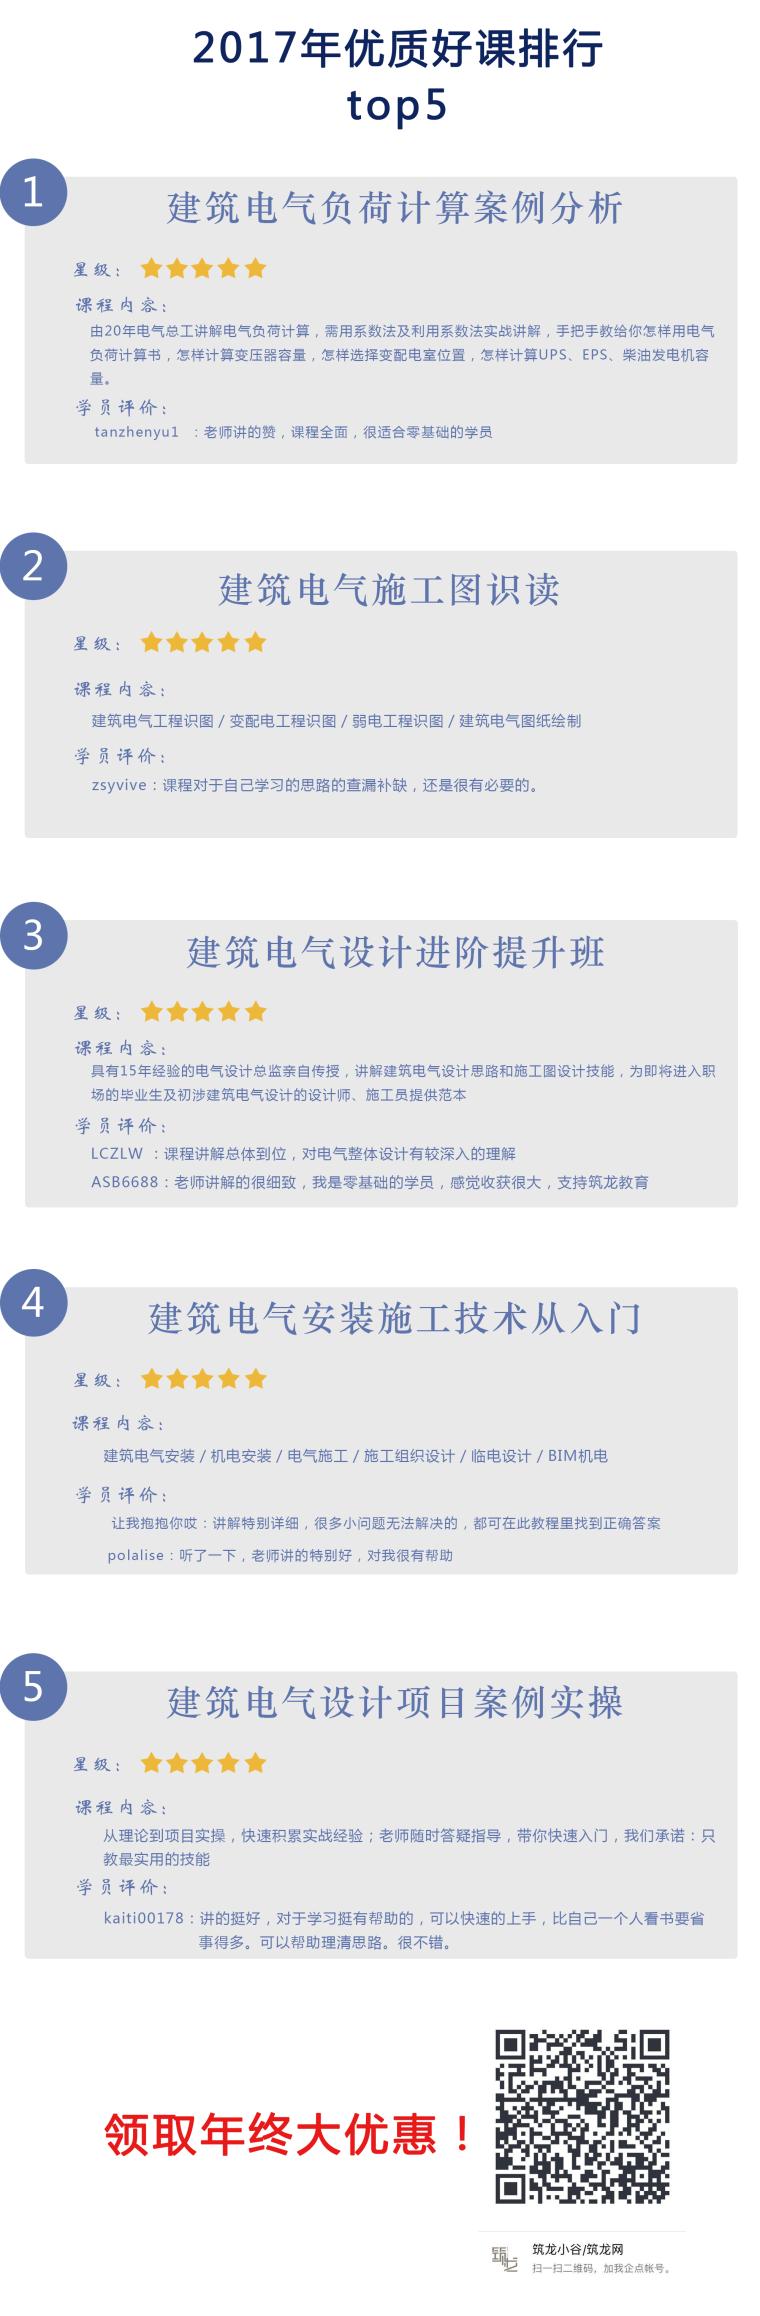 筑龙电气2017年课程top5